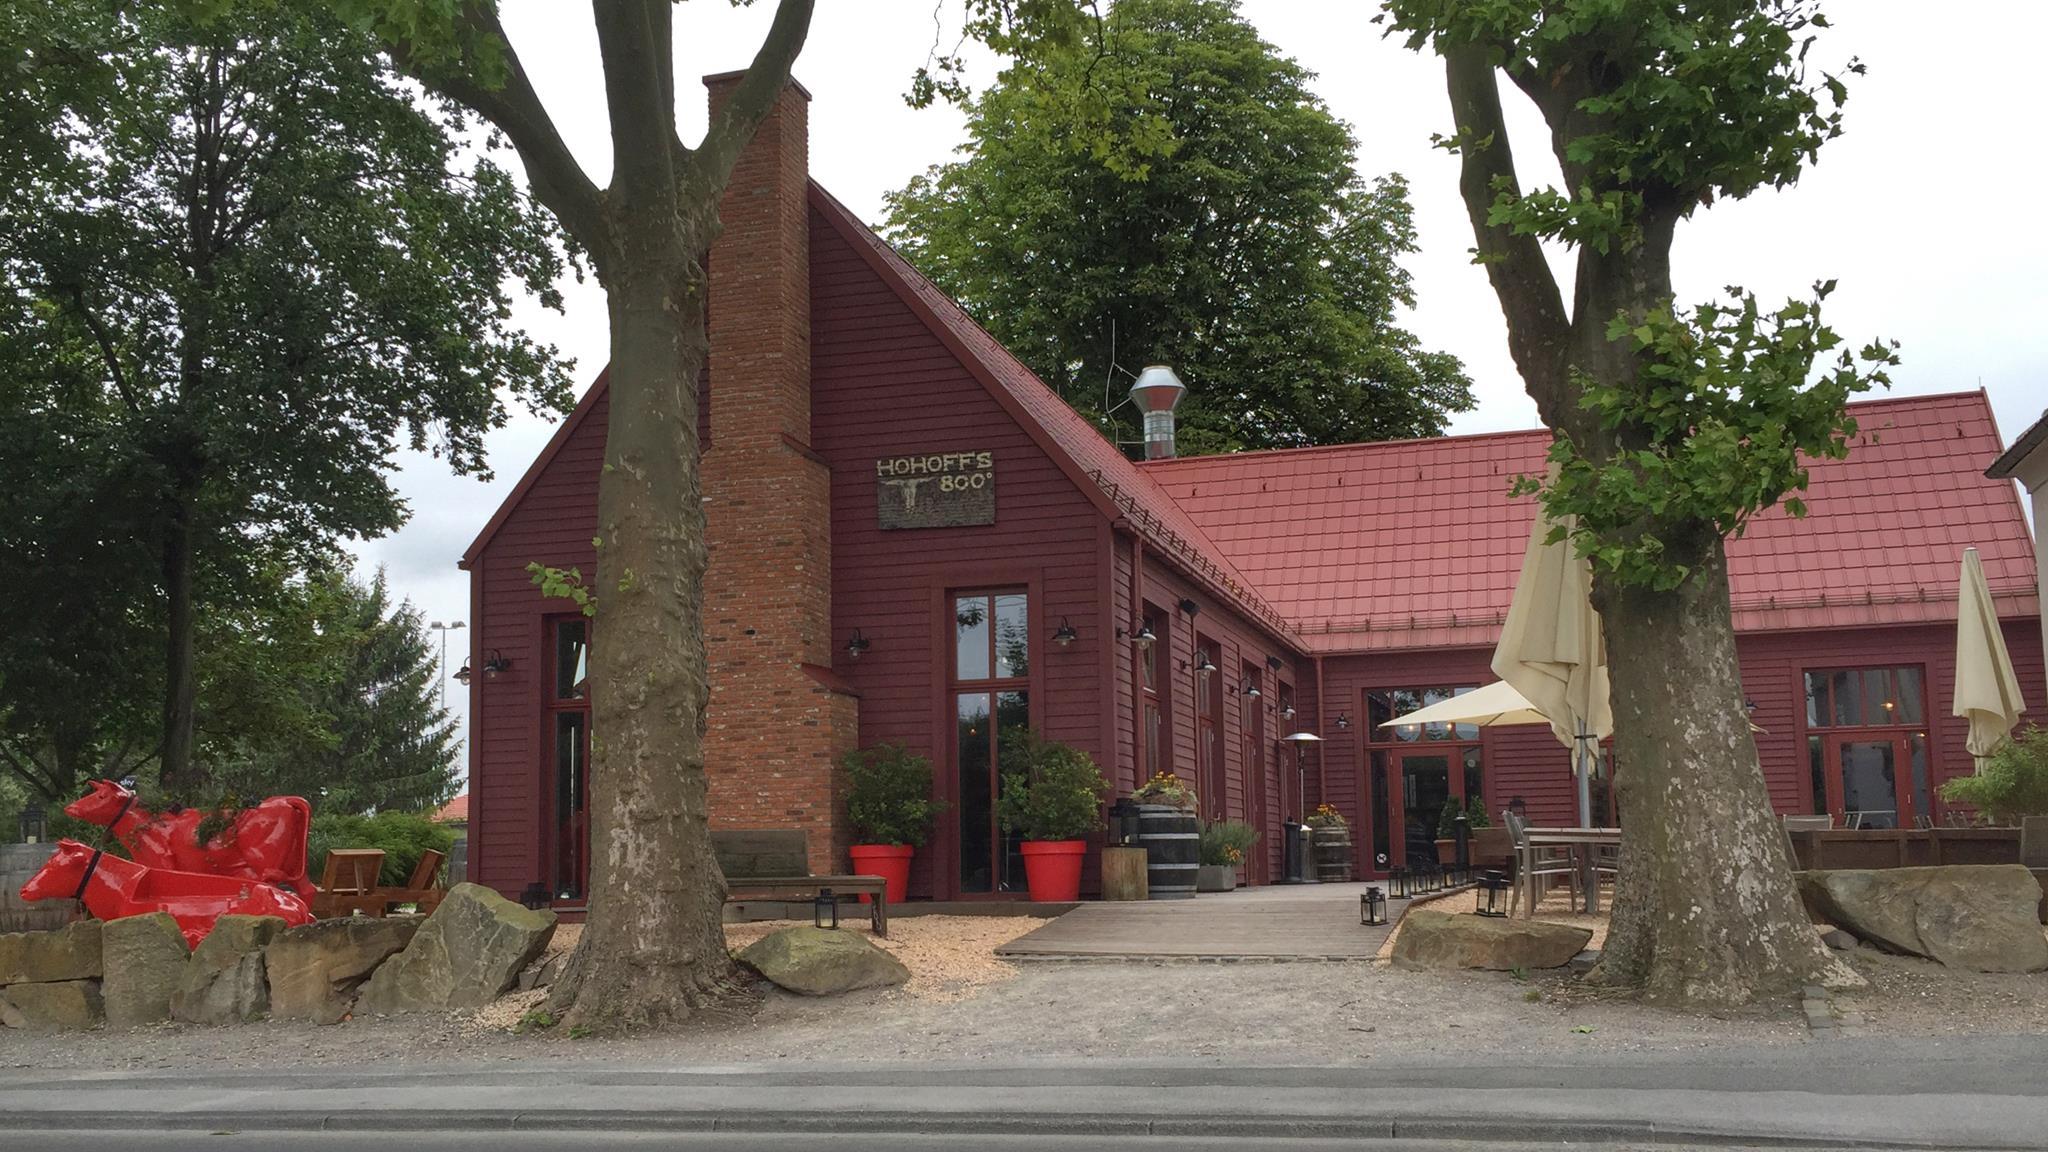 Das Hohoffs 800 Grad In Dortmund Ist Geschlossen